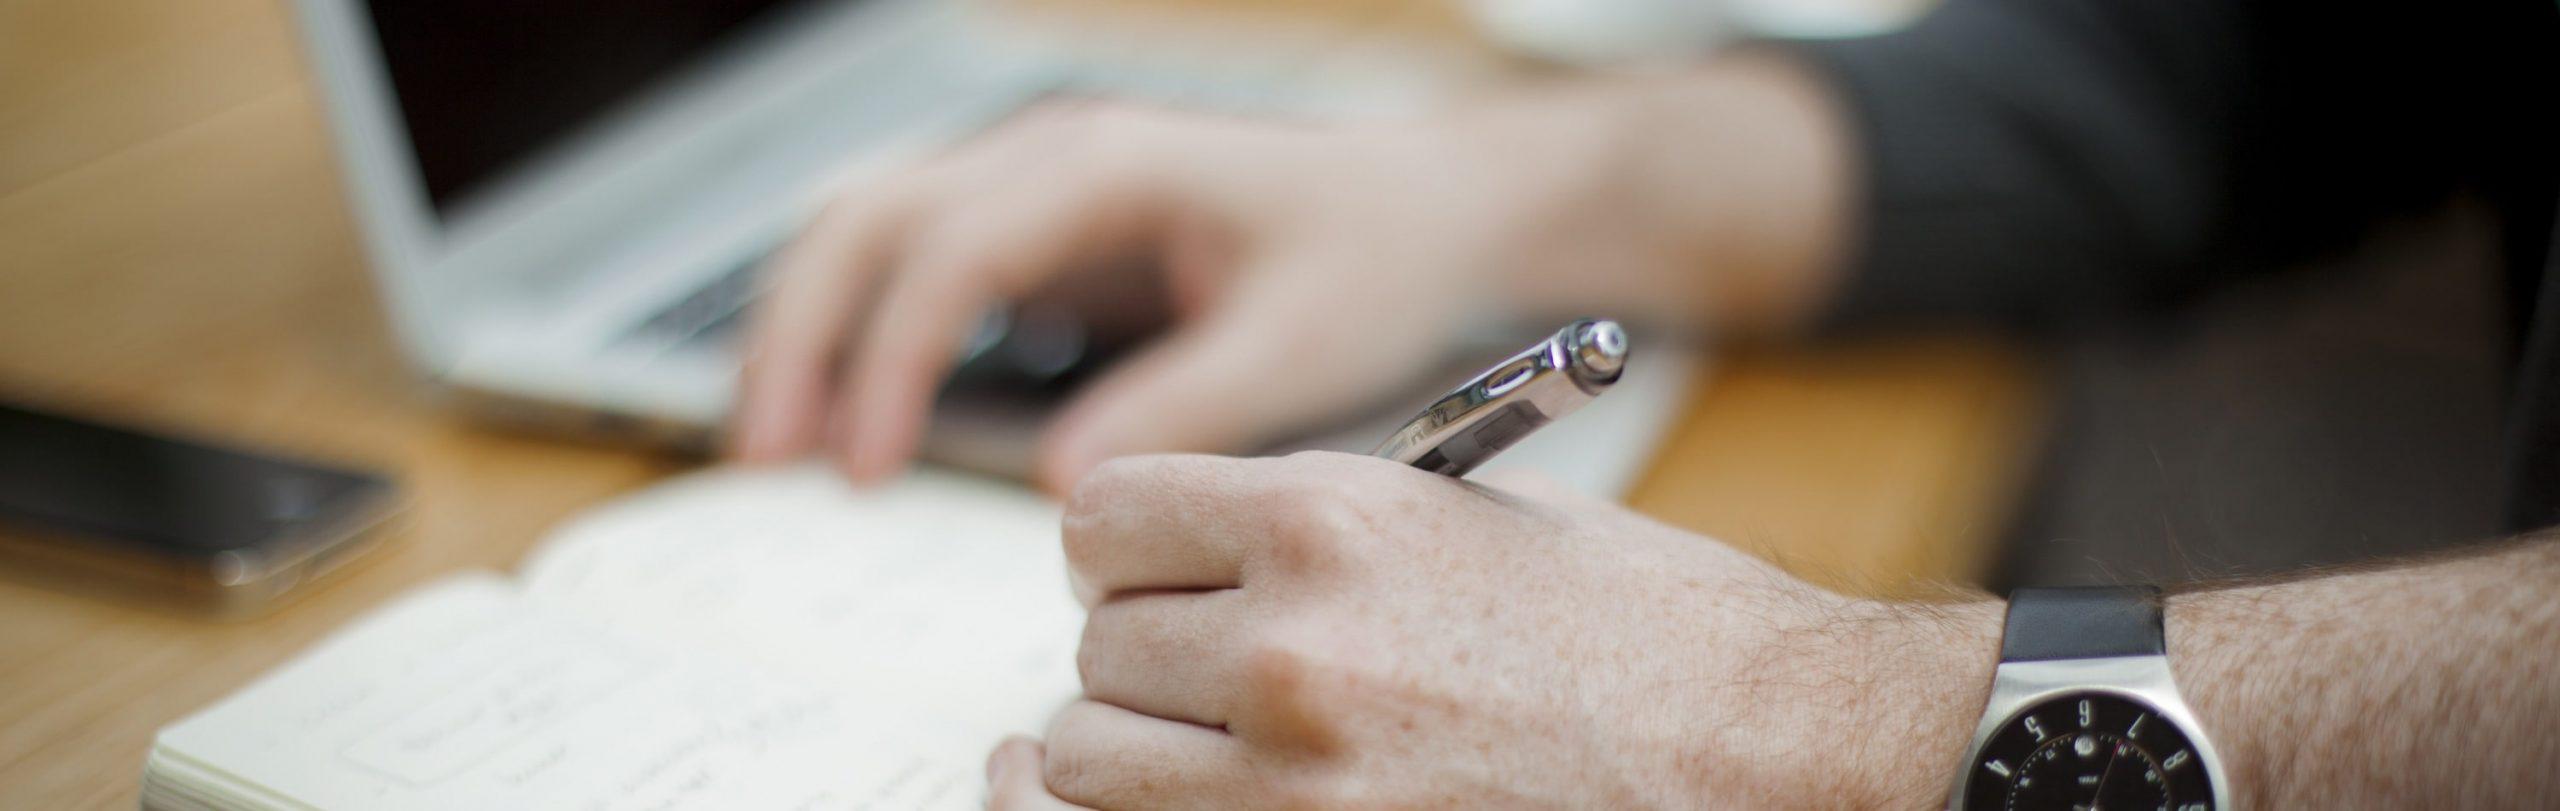 Arbeitszeit: Das müssen Arbeitgeber bei ihrer Planung unbedingt beachten